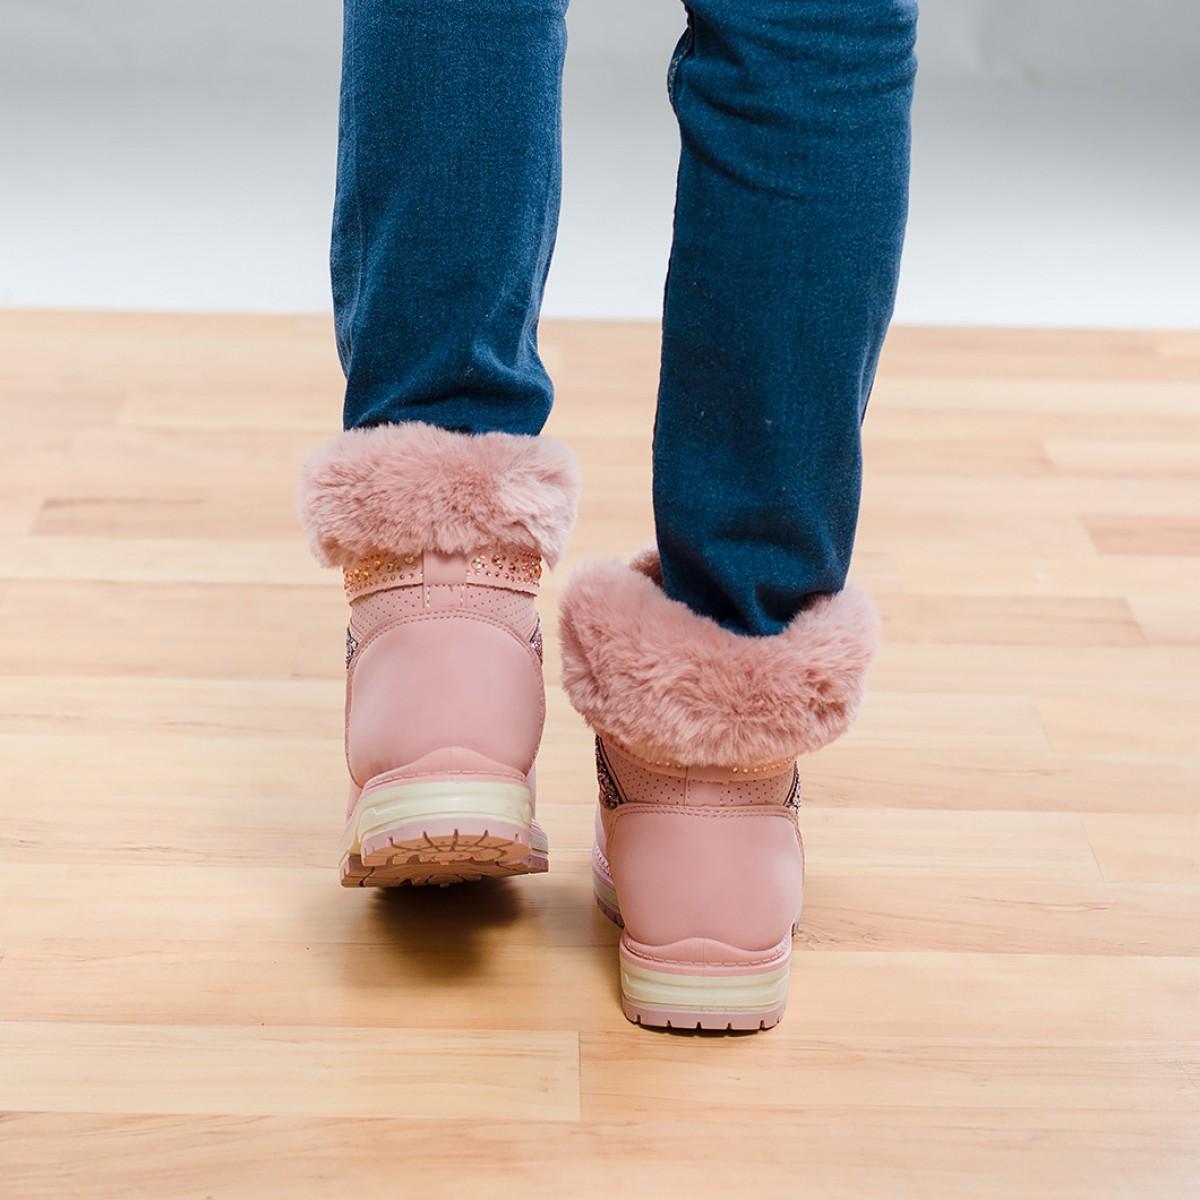 Дамски боти Fashion Розови Снимка 4 от 4